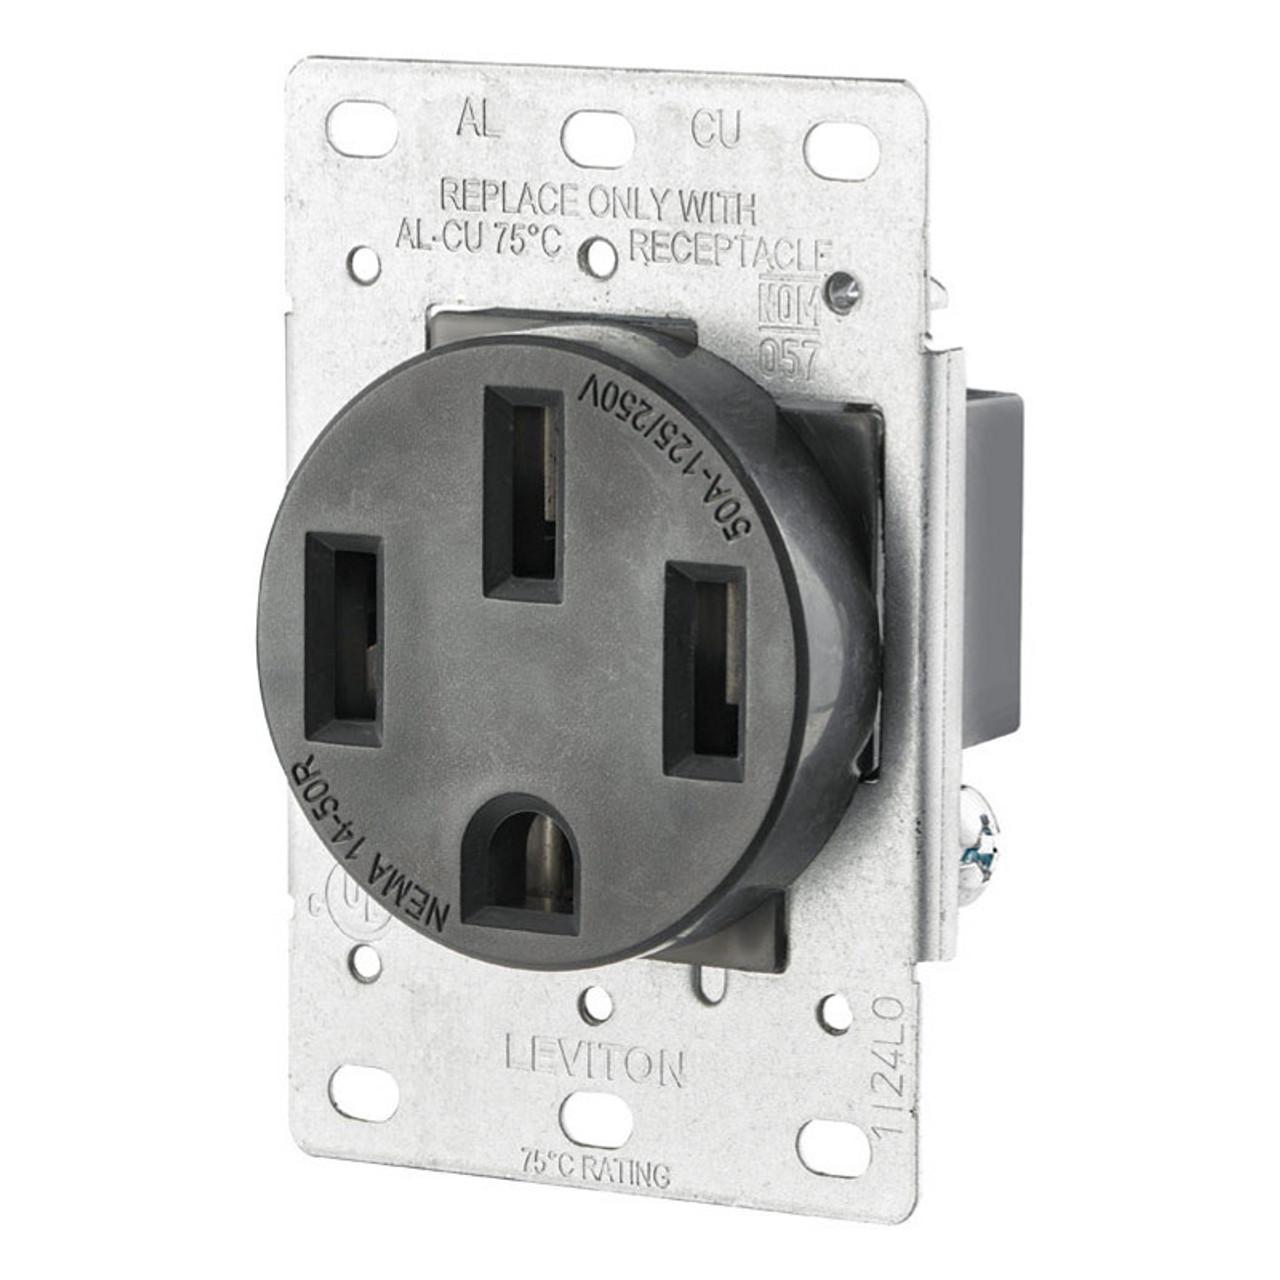 Nema 14 50r >> 50 Amp Nema 14 50r Receptacle 125 250 Volt Black No R10 00279